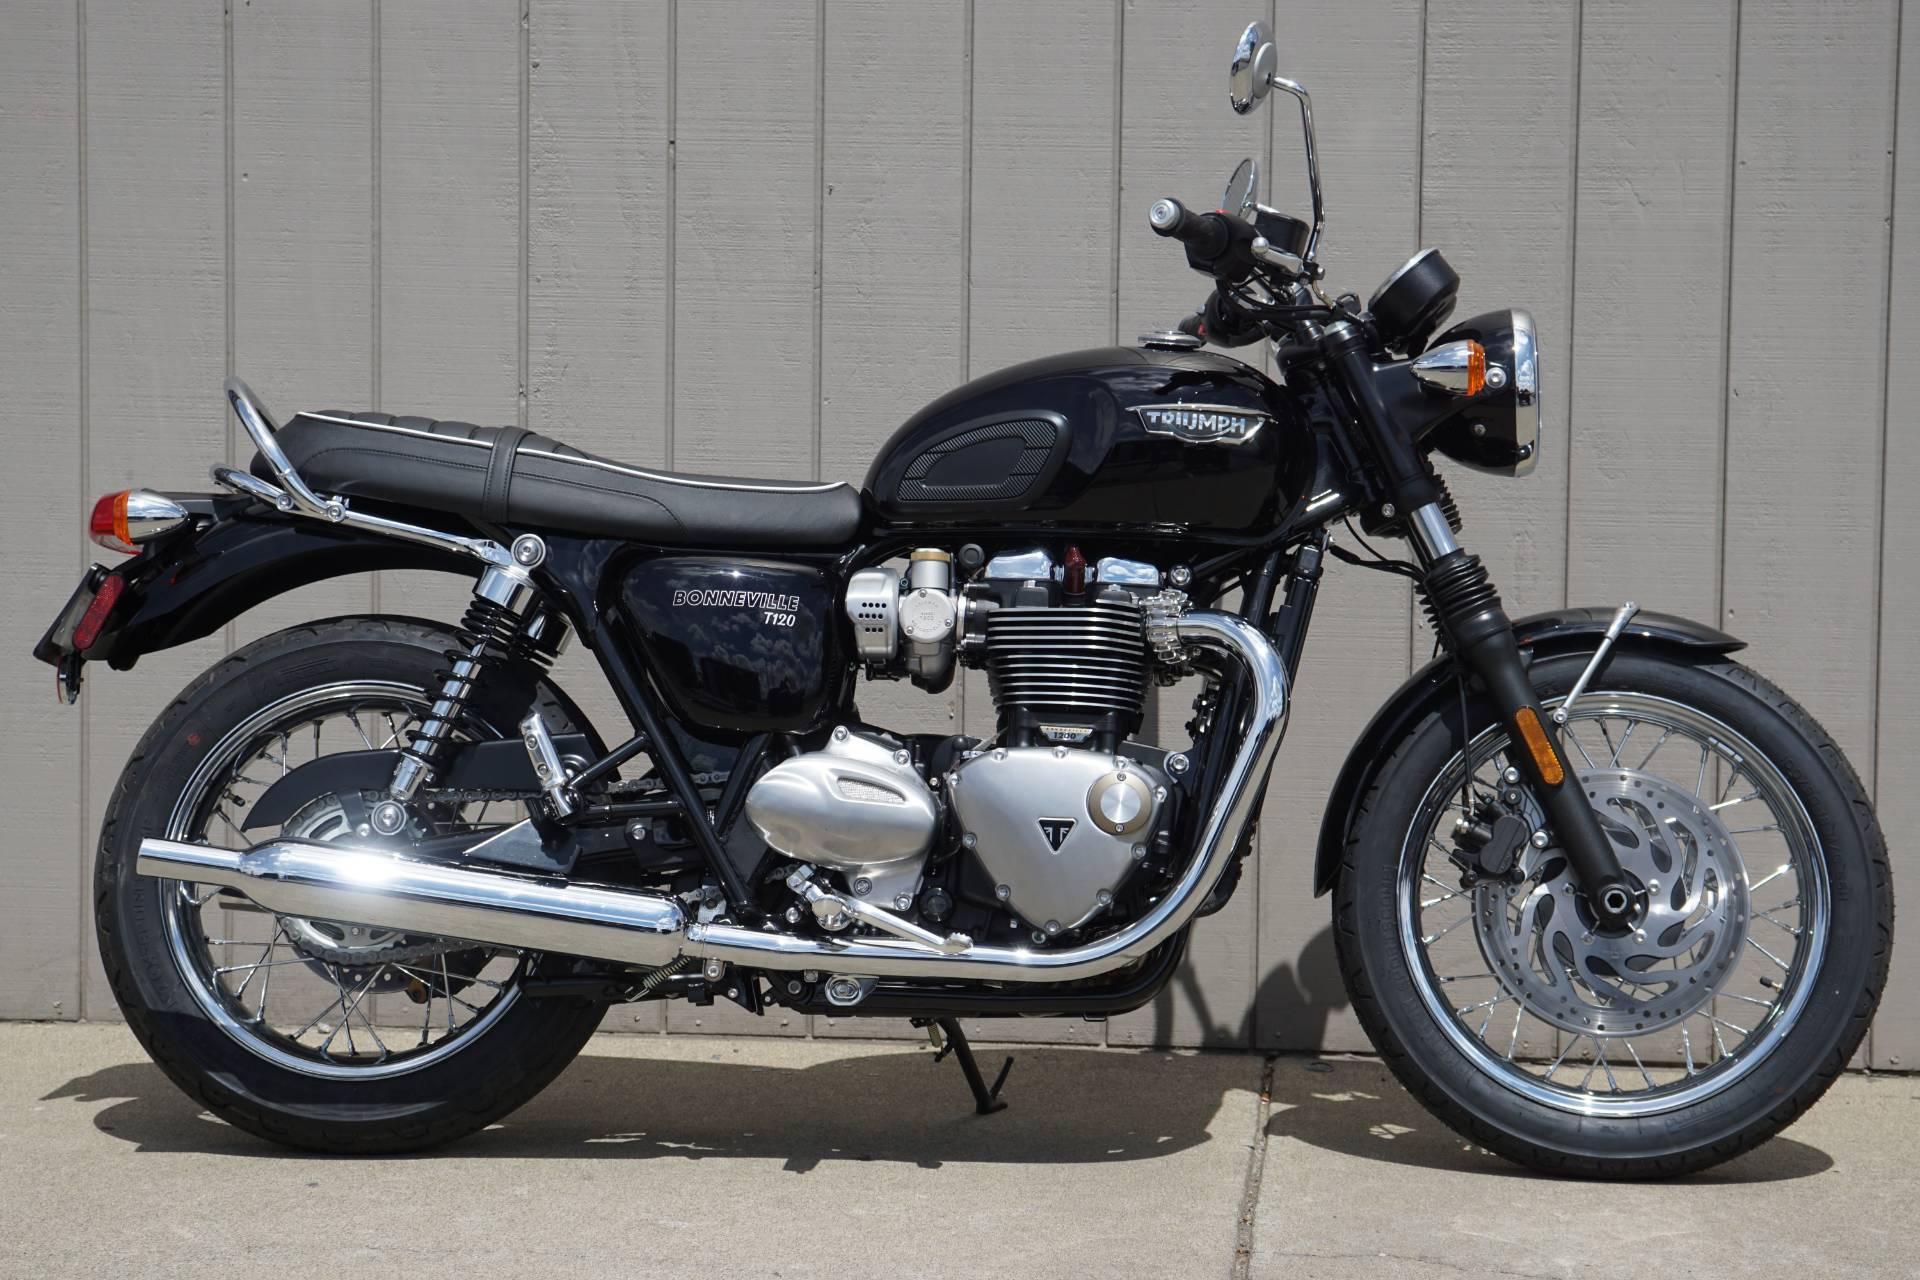 2019 Triumph Bonneville T120 for sale 2528